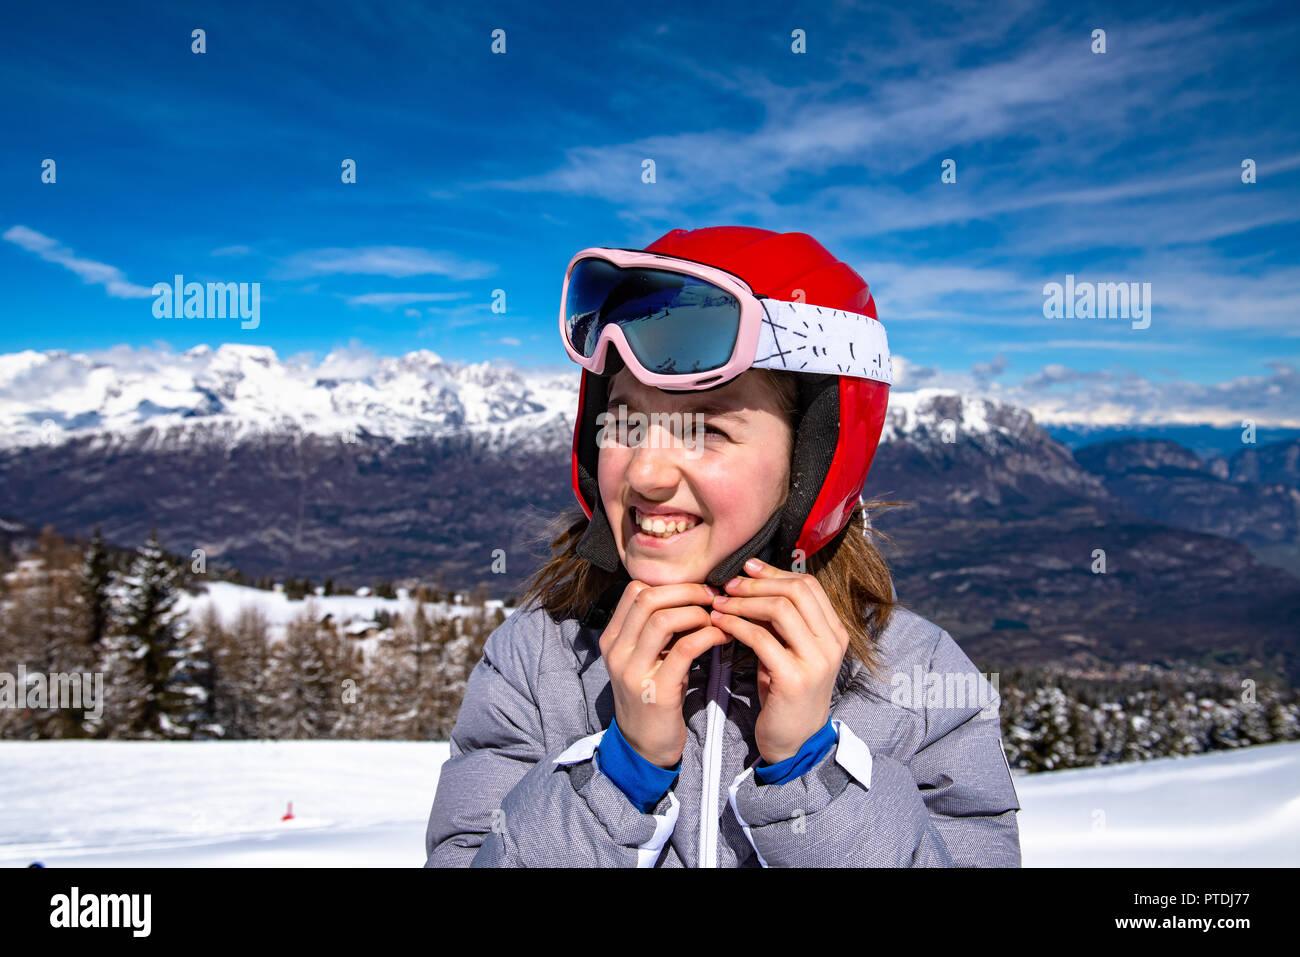 Bambina sulle piste da sci con casco e occhiali da sci Immagini Stock